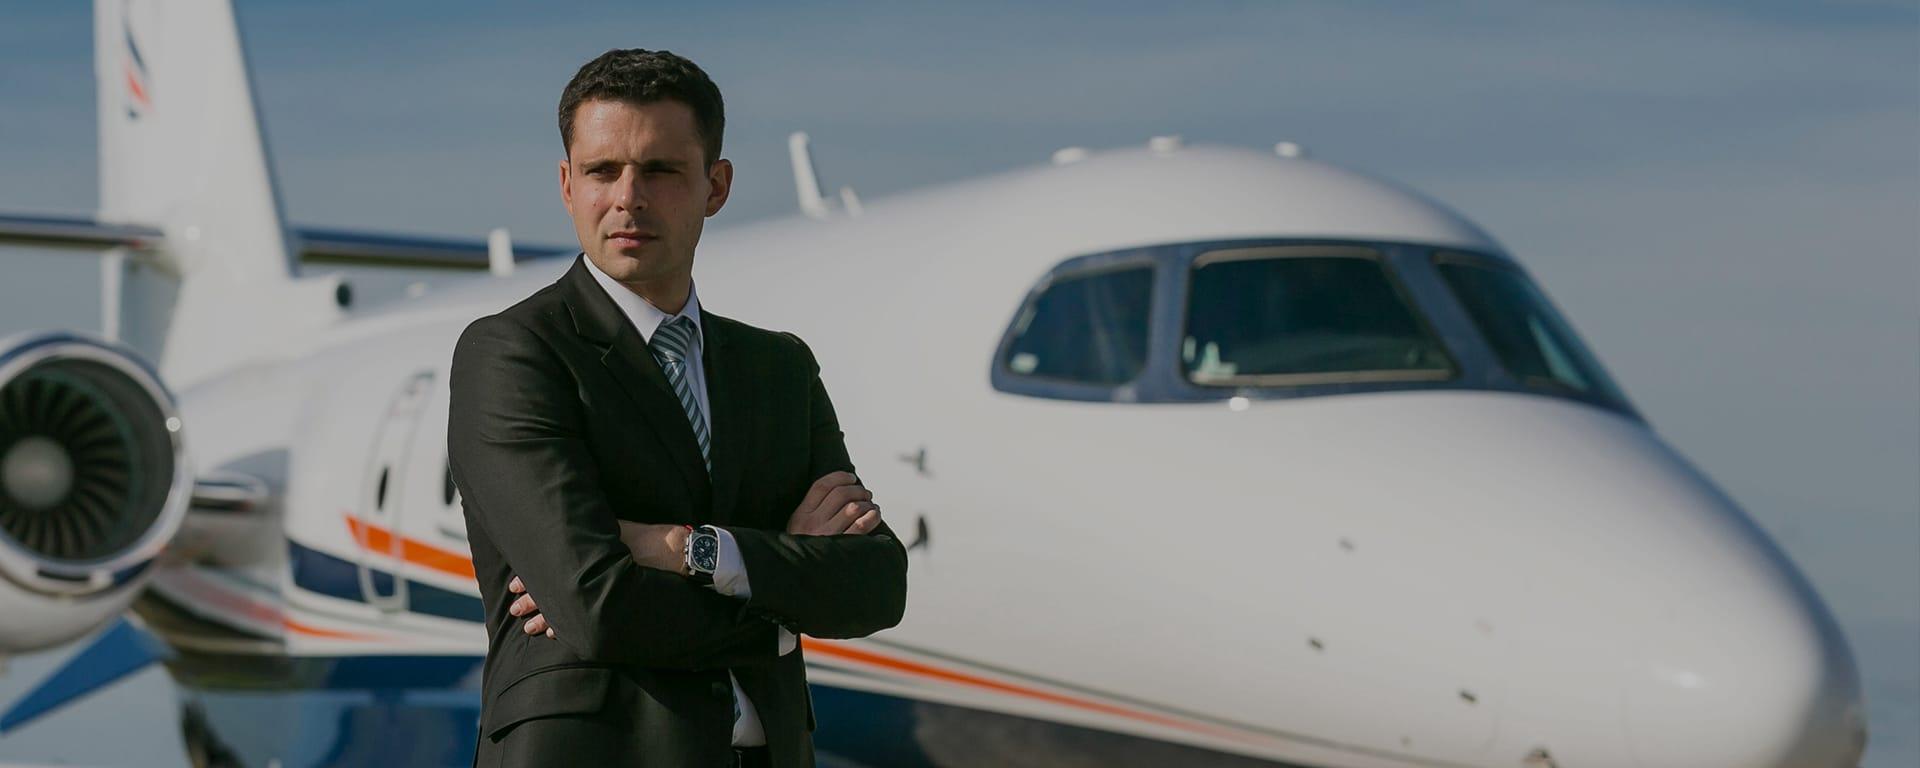 Charles CLAIR, président d'un groupe aéronautique en pleine croissance